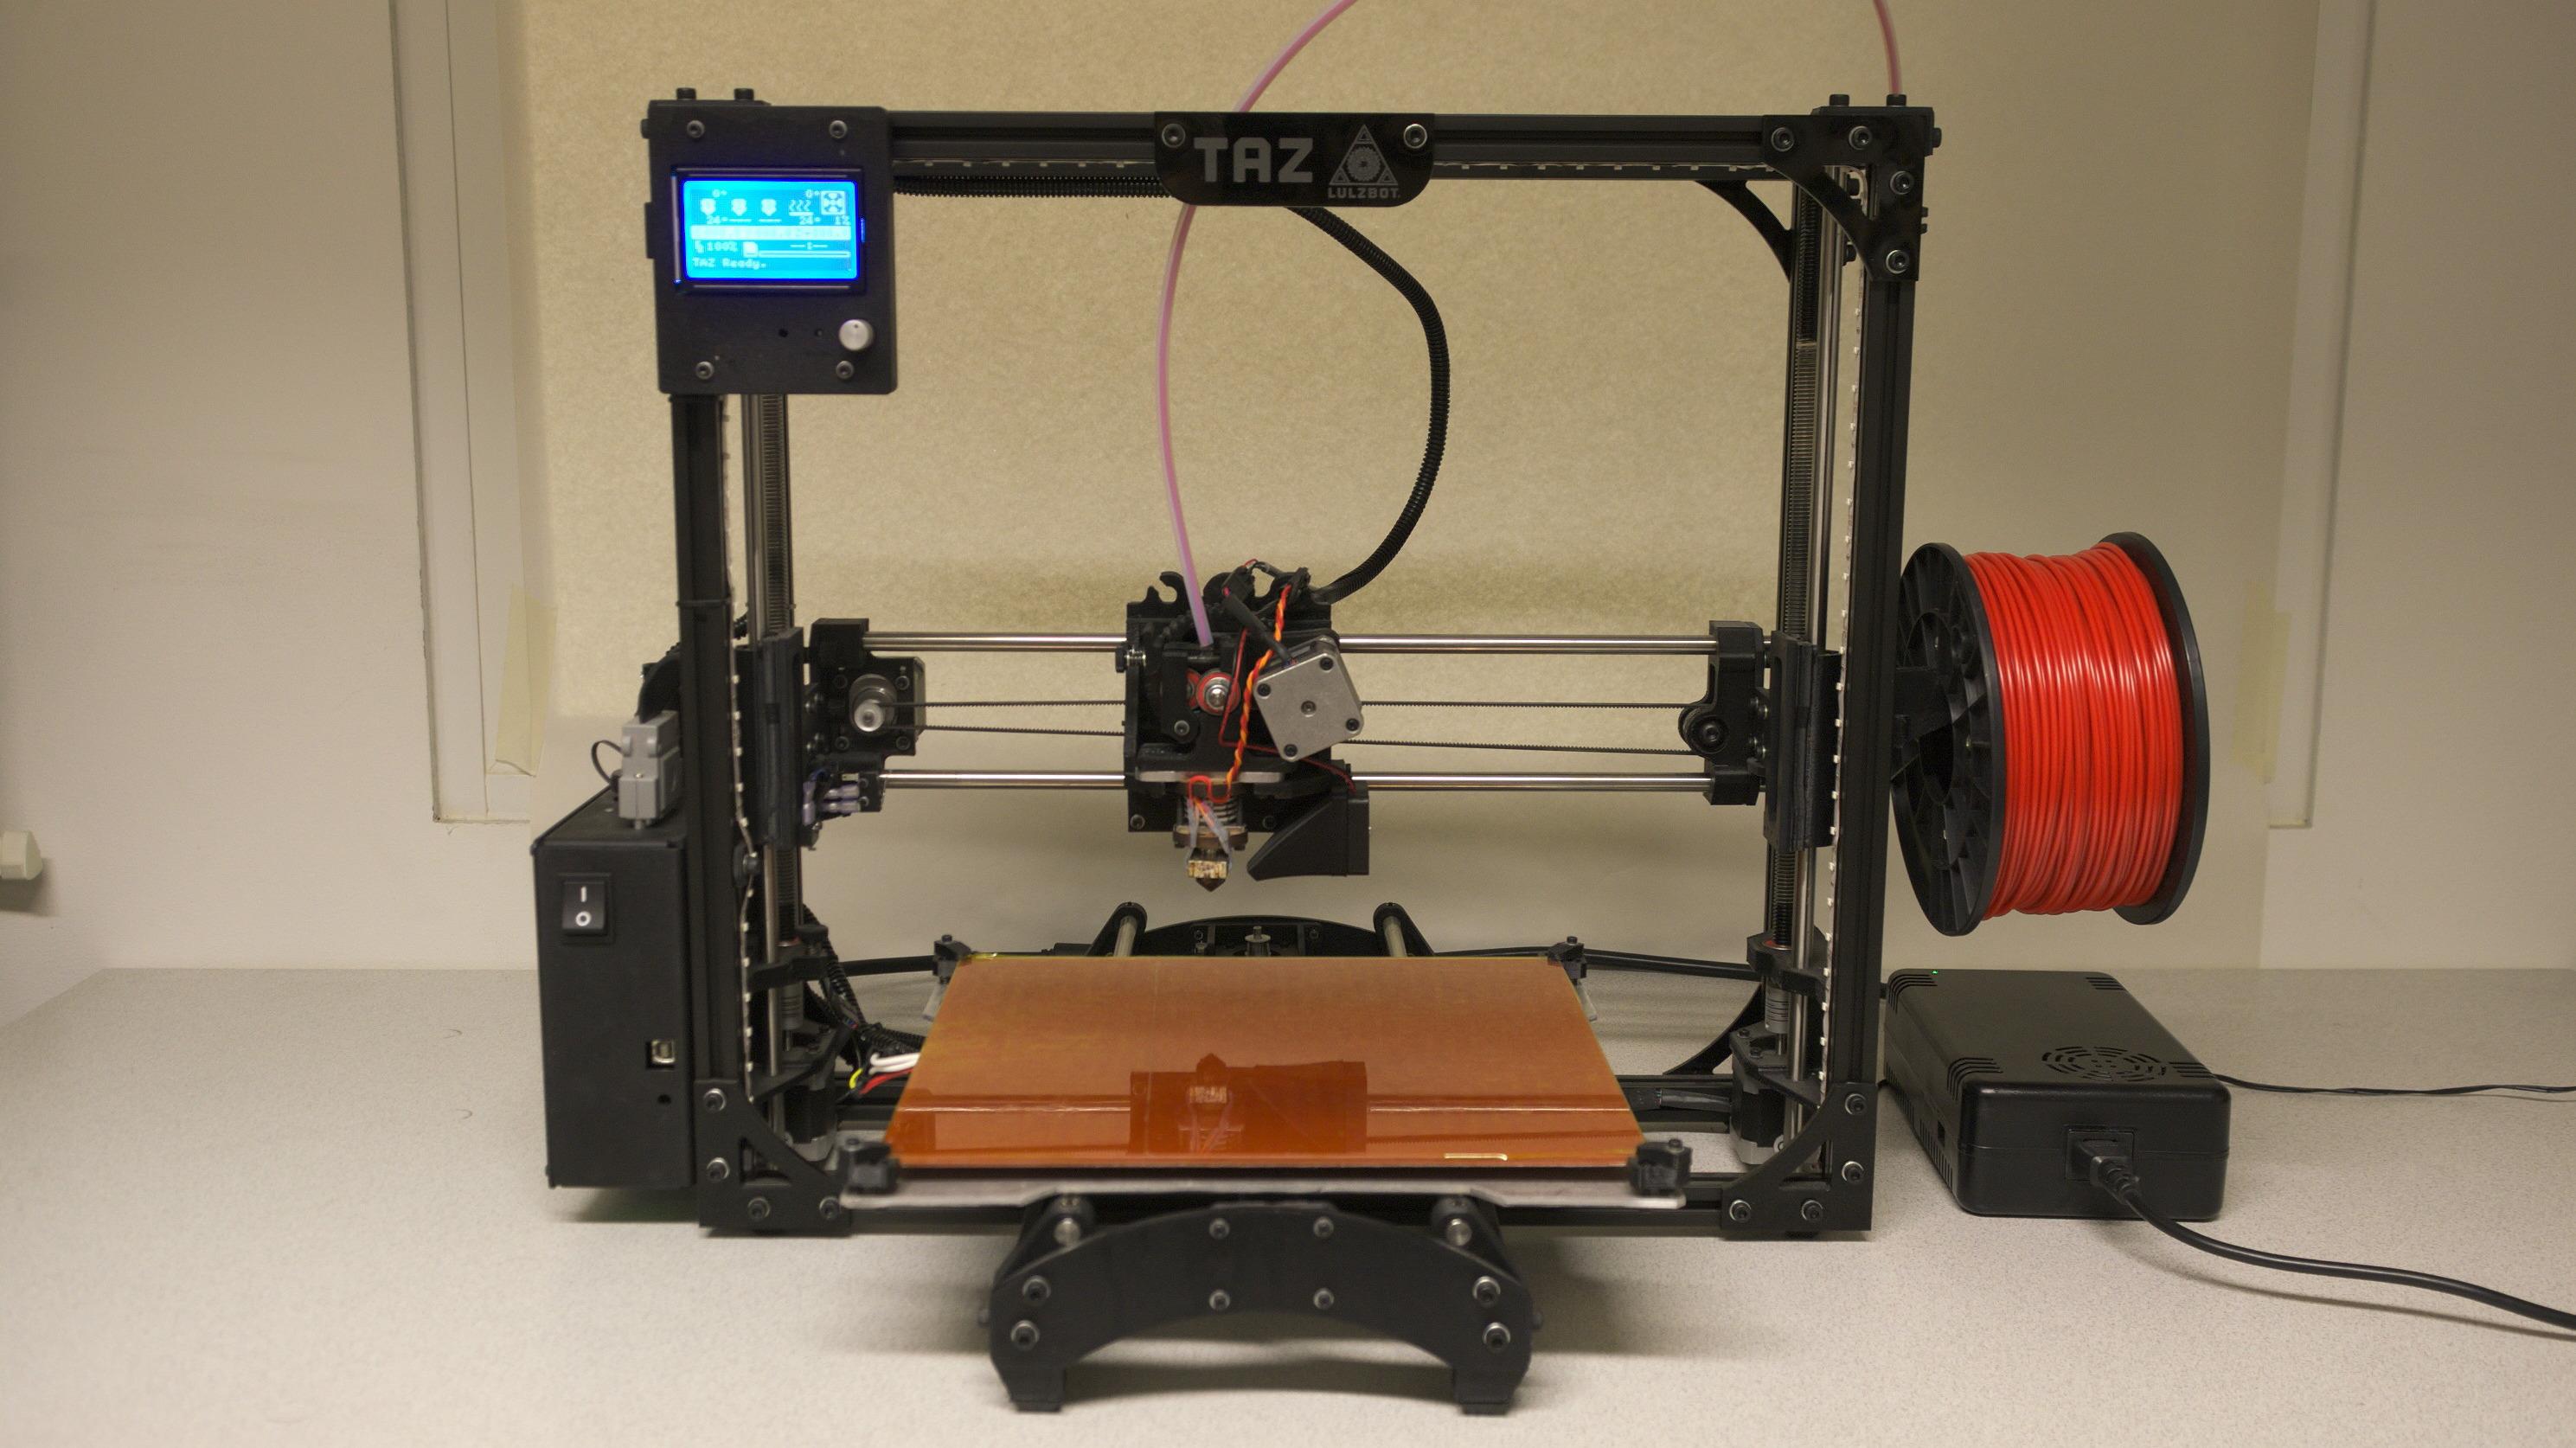 ausprobiert 3d drucker taz 4 von lulzbot make. Black Bedroom Furniture Sets. Home Design Ideas